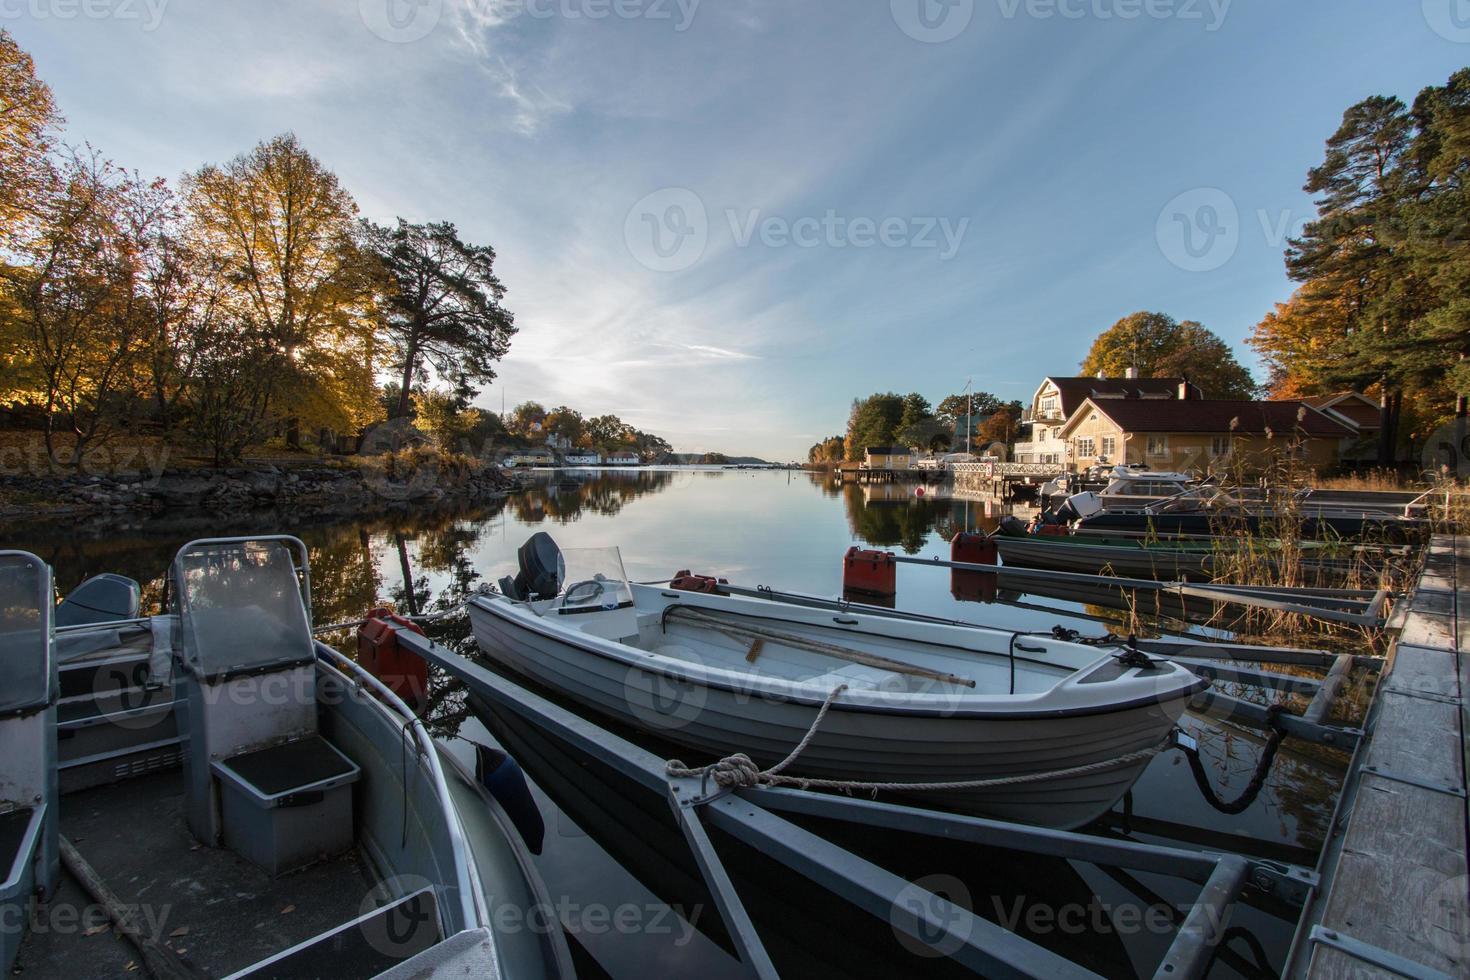 bateaux amarrés au début de l'automne matin photo